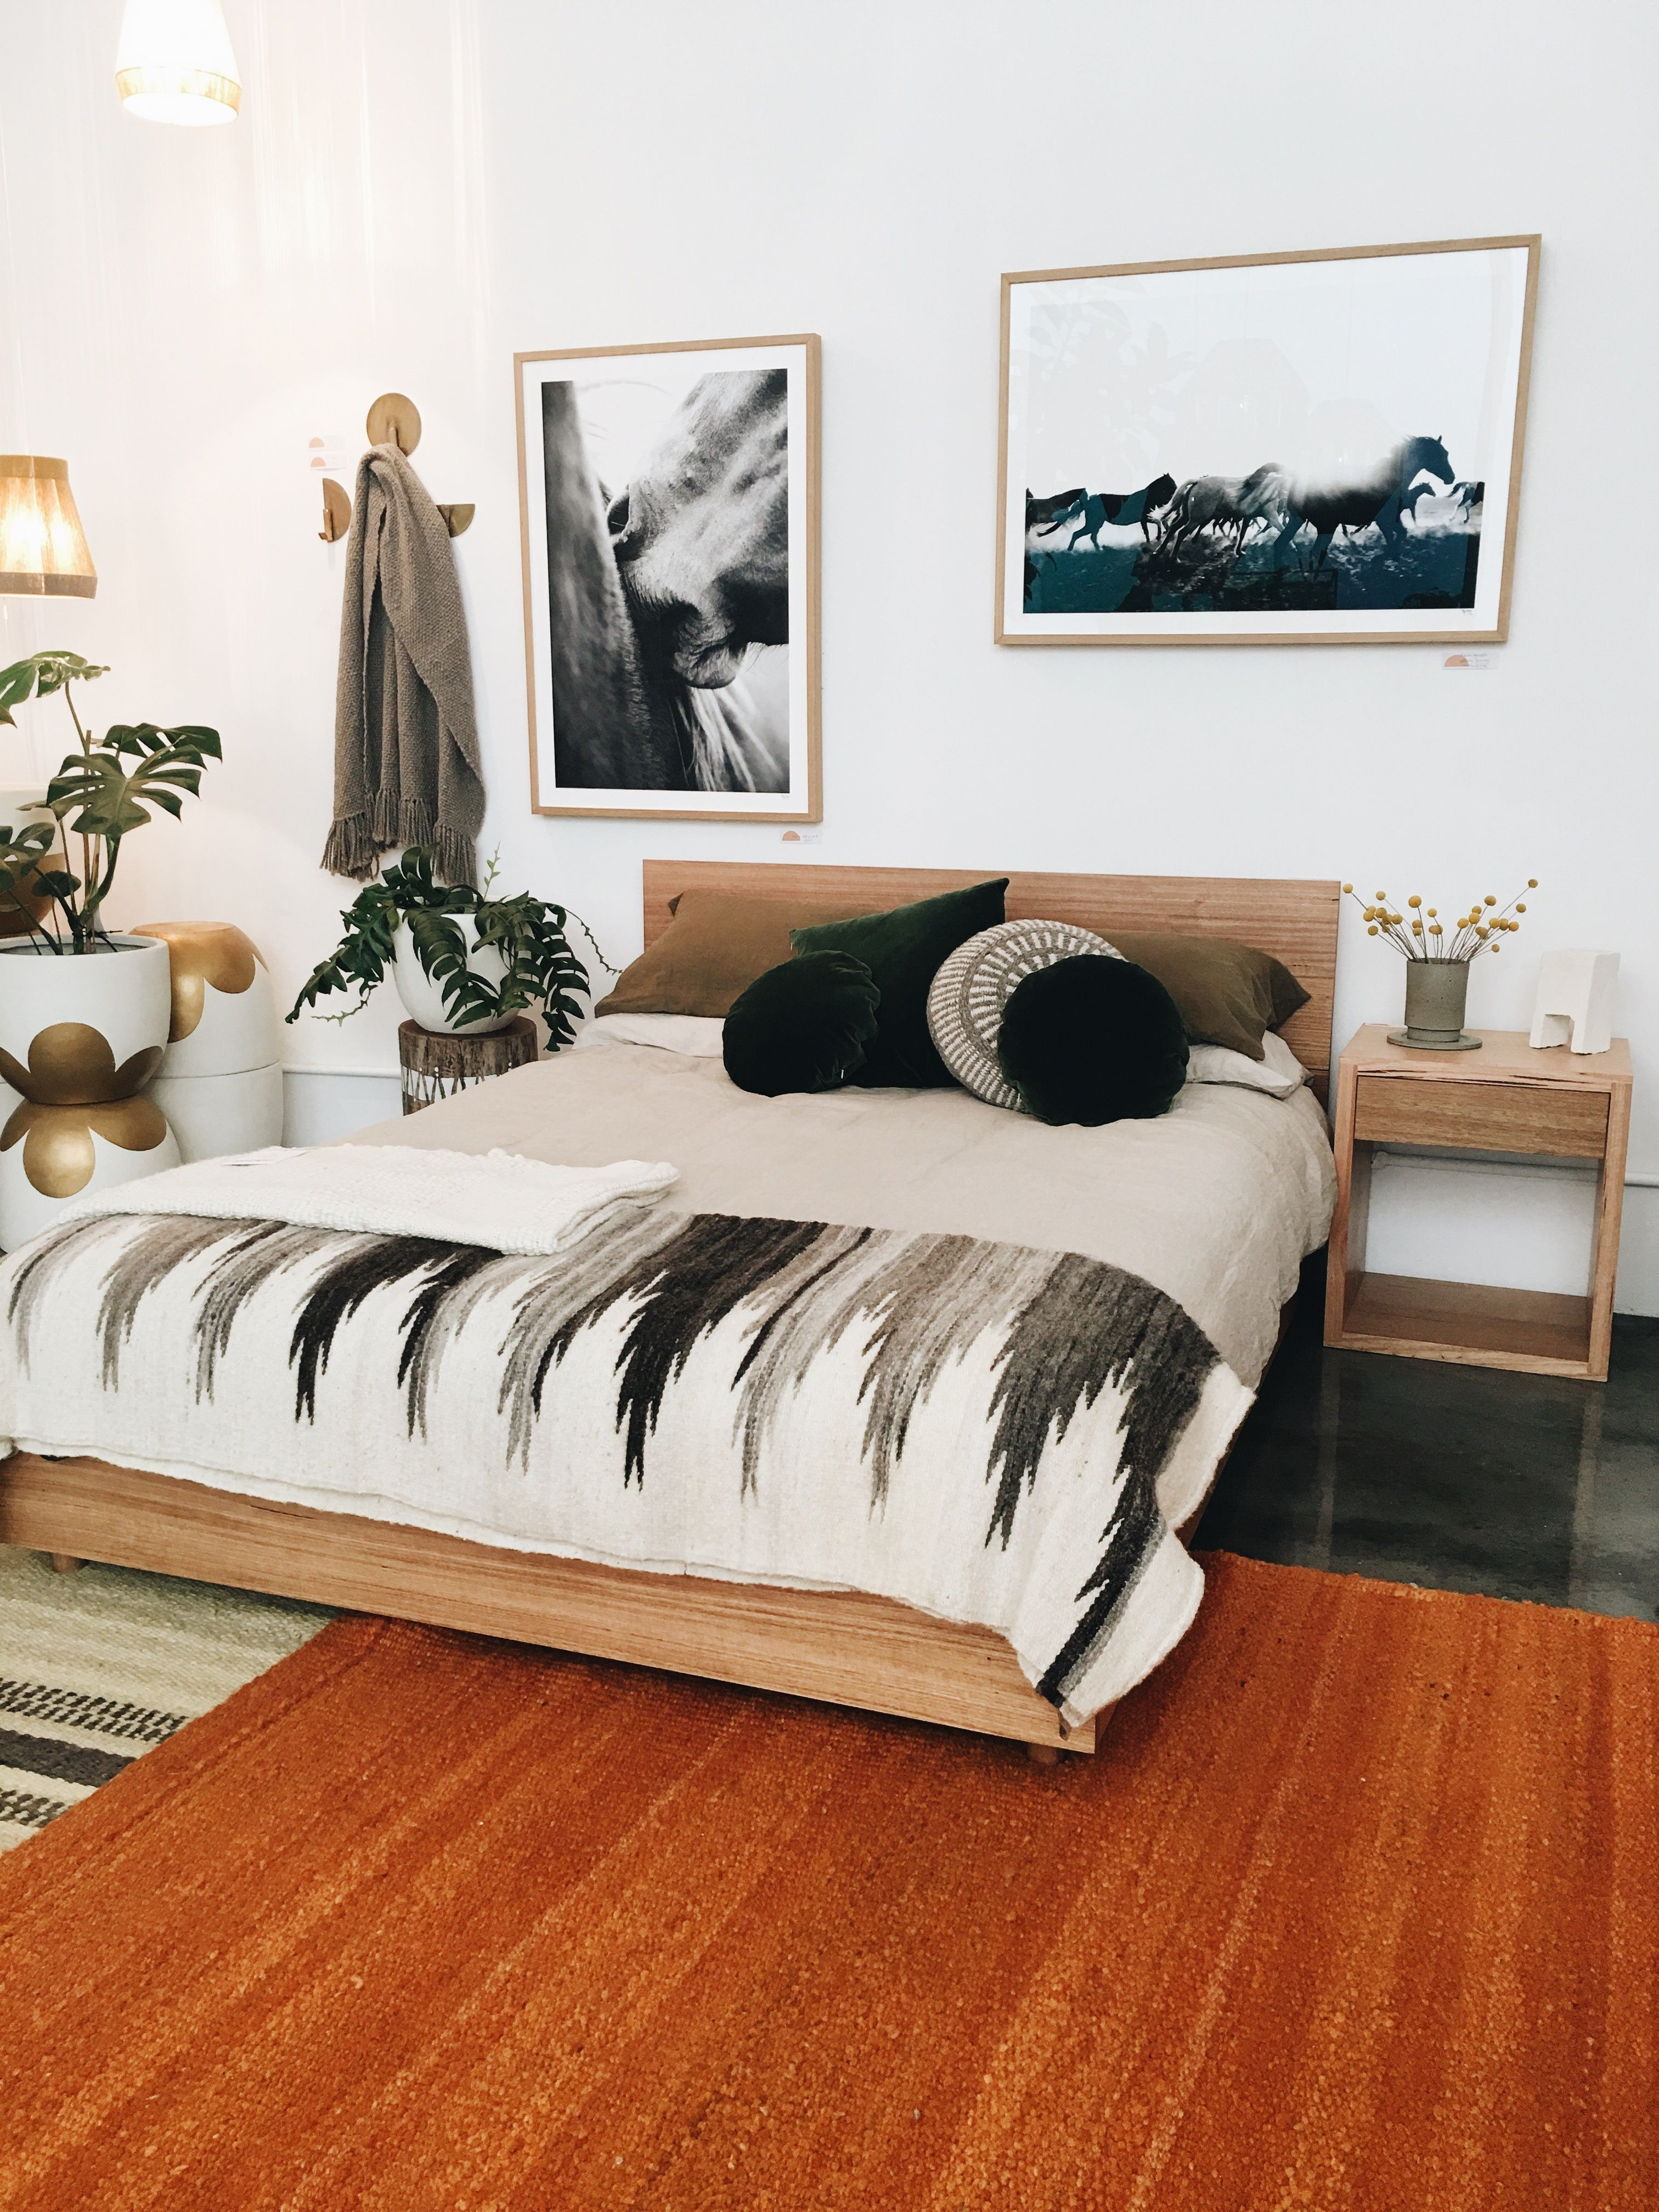 shop hardwood flooring of captivating best flooring for bedrooms with 38 best bedroom interior intended for gorgeous best flooring for bedrooms with bedroom wood floors excellent bedroom design with buy hardwood 0d